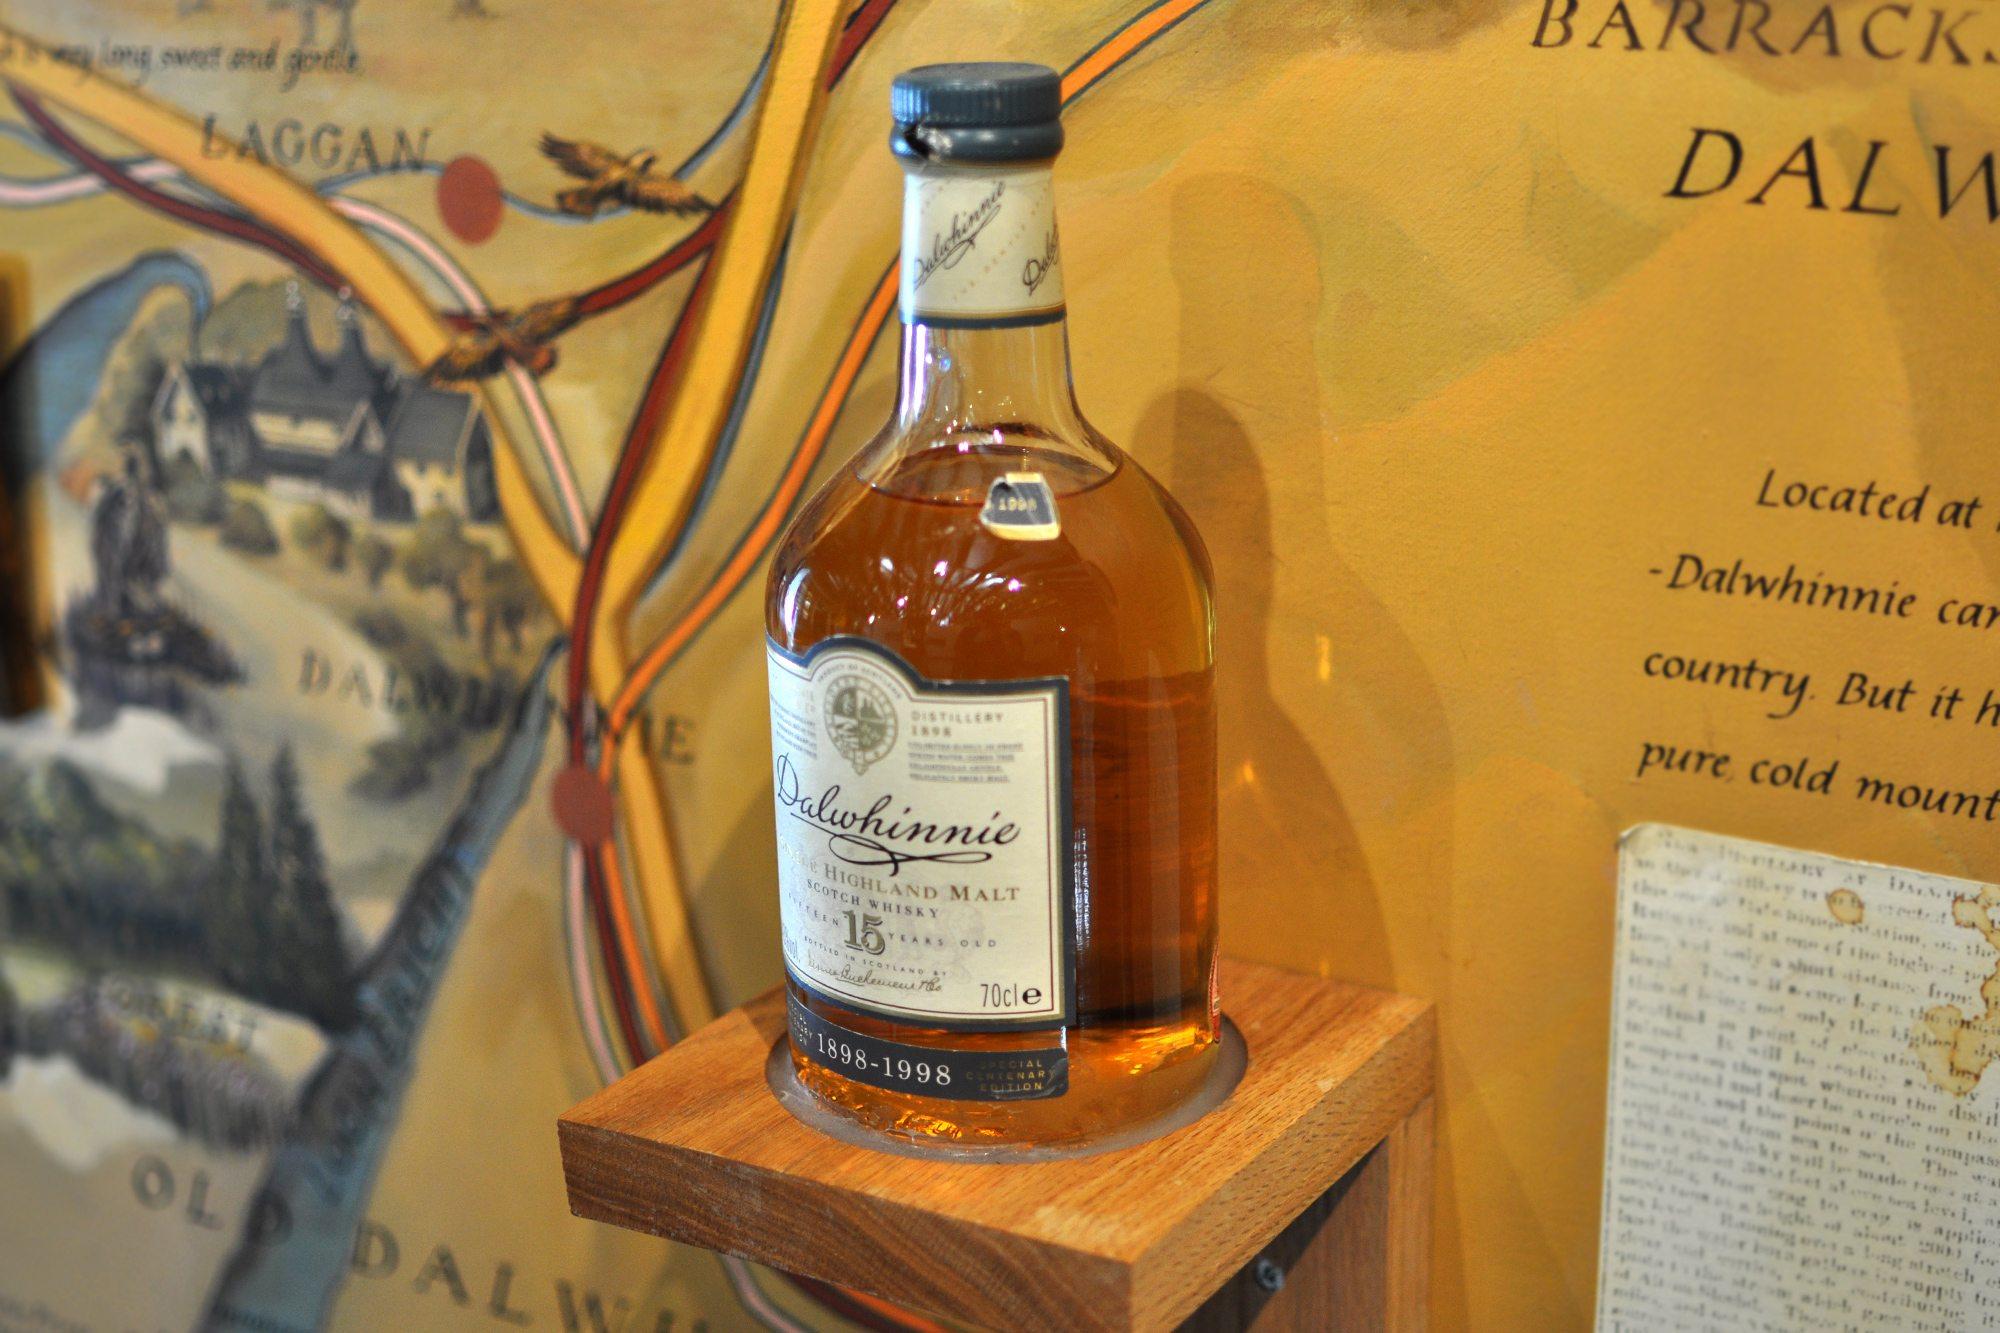 dalwhinnie whisky - single malt 15y